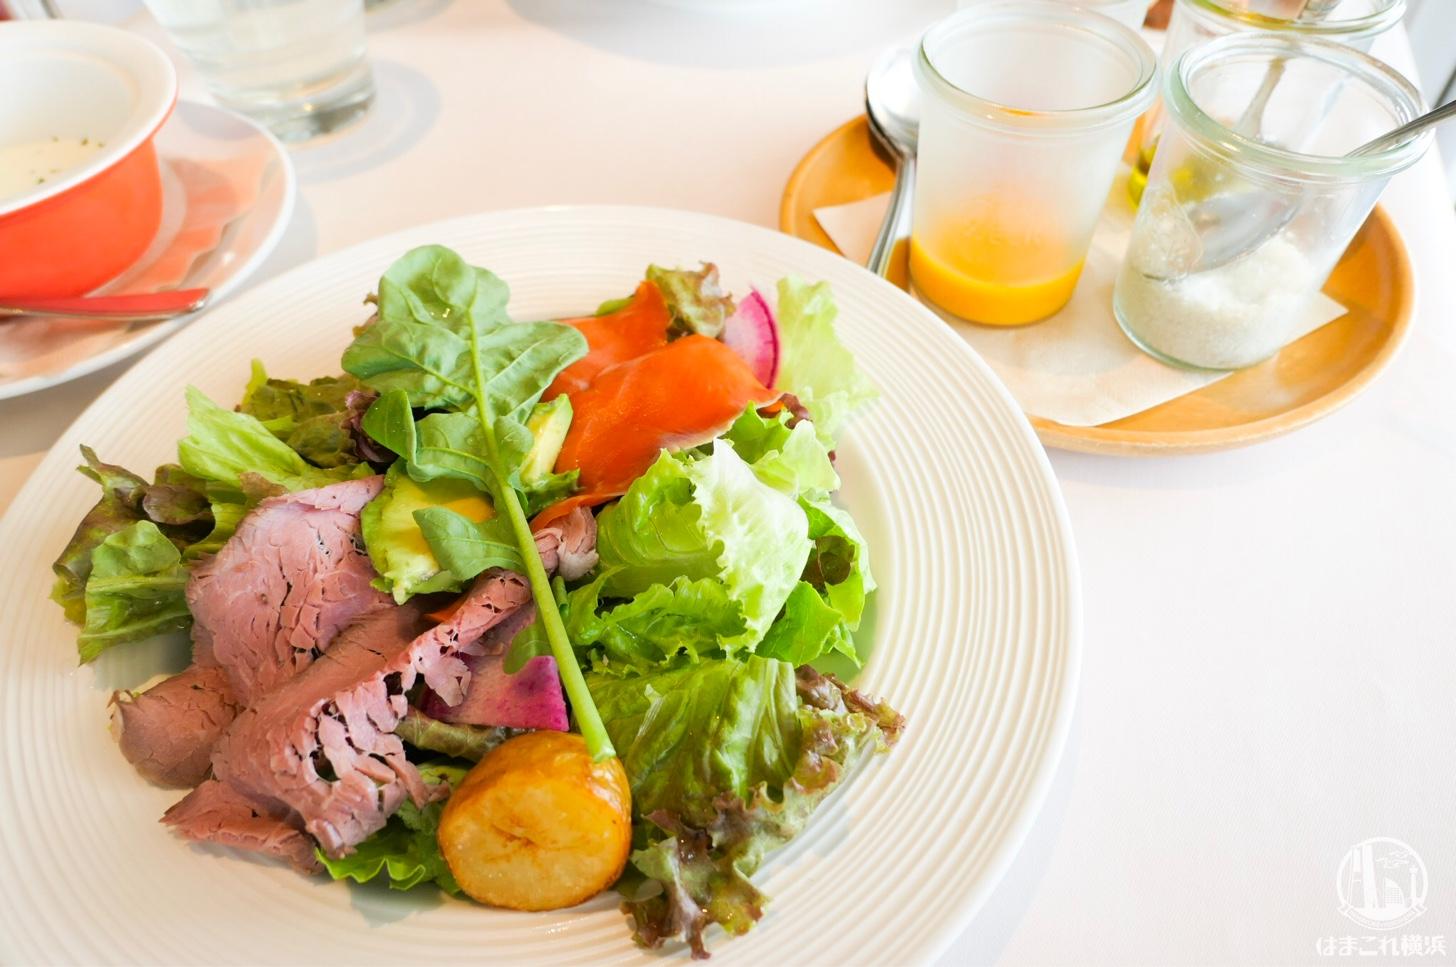 いろいろなドレッシングで食べるサラダプレート